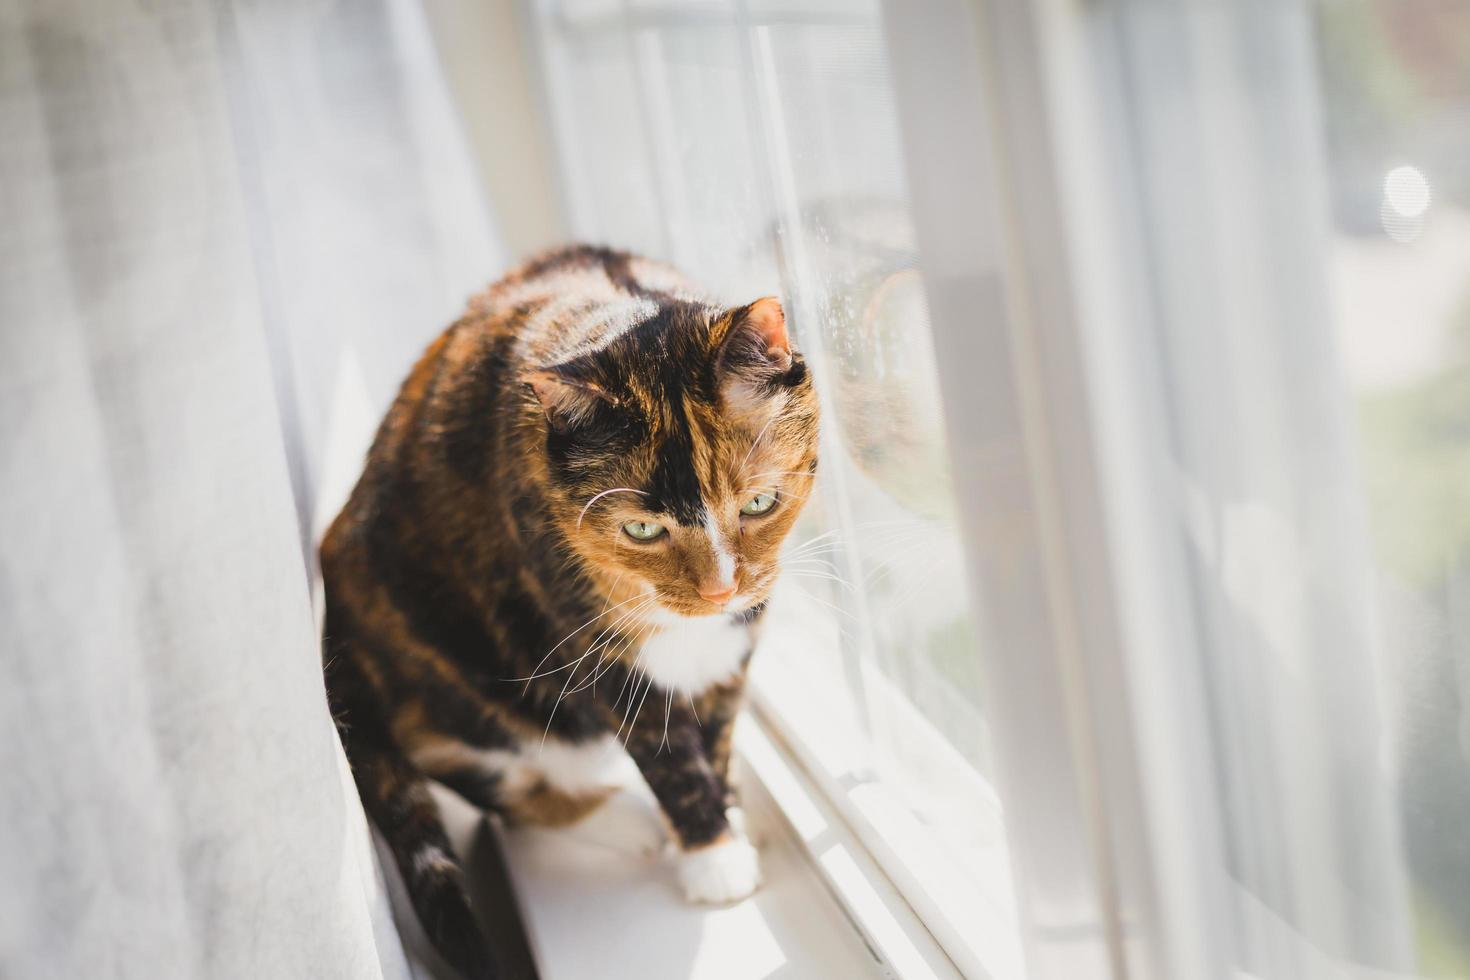 gatto calico vicino a una finestra foto